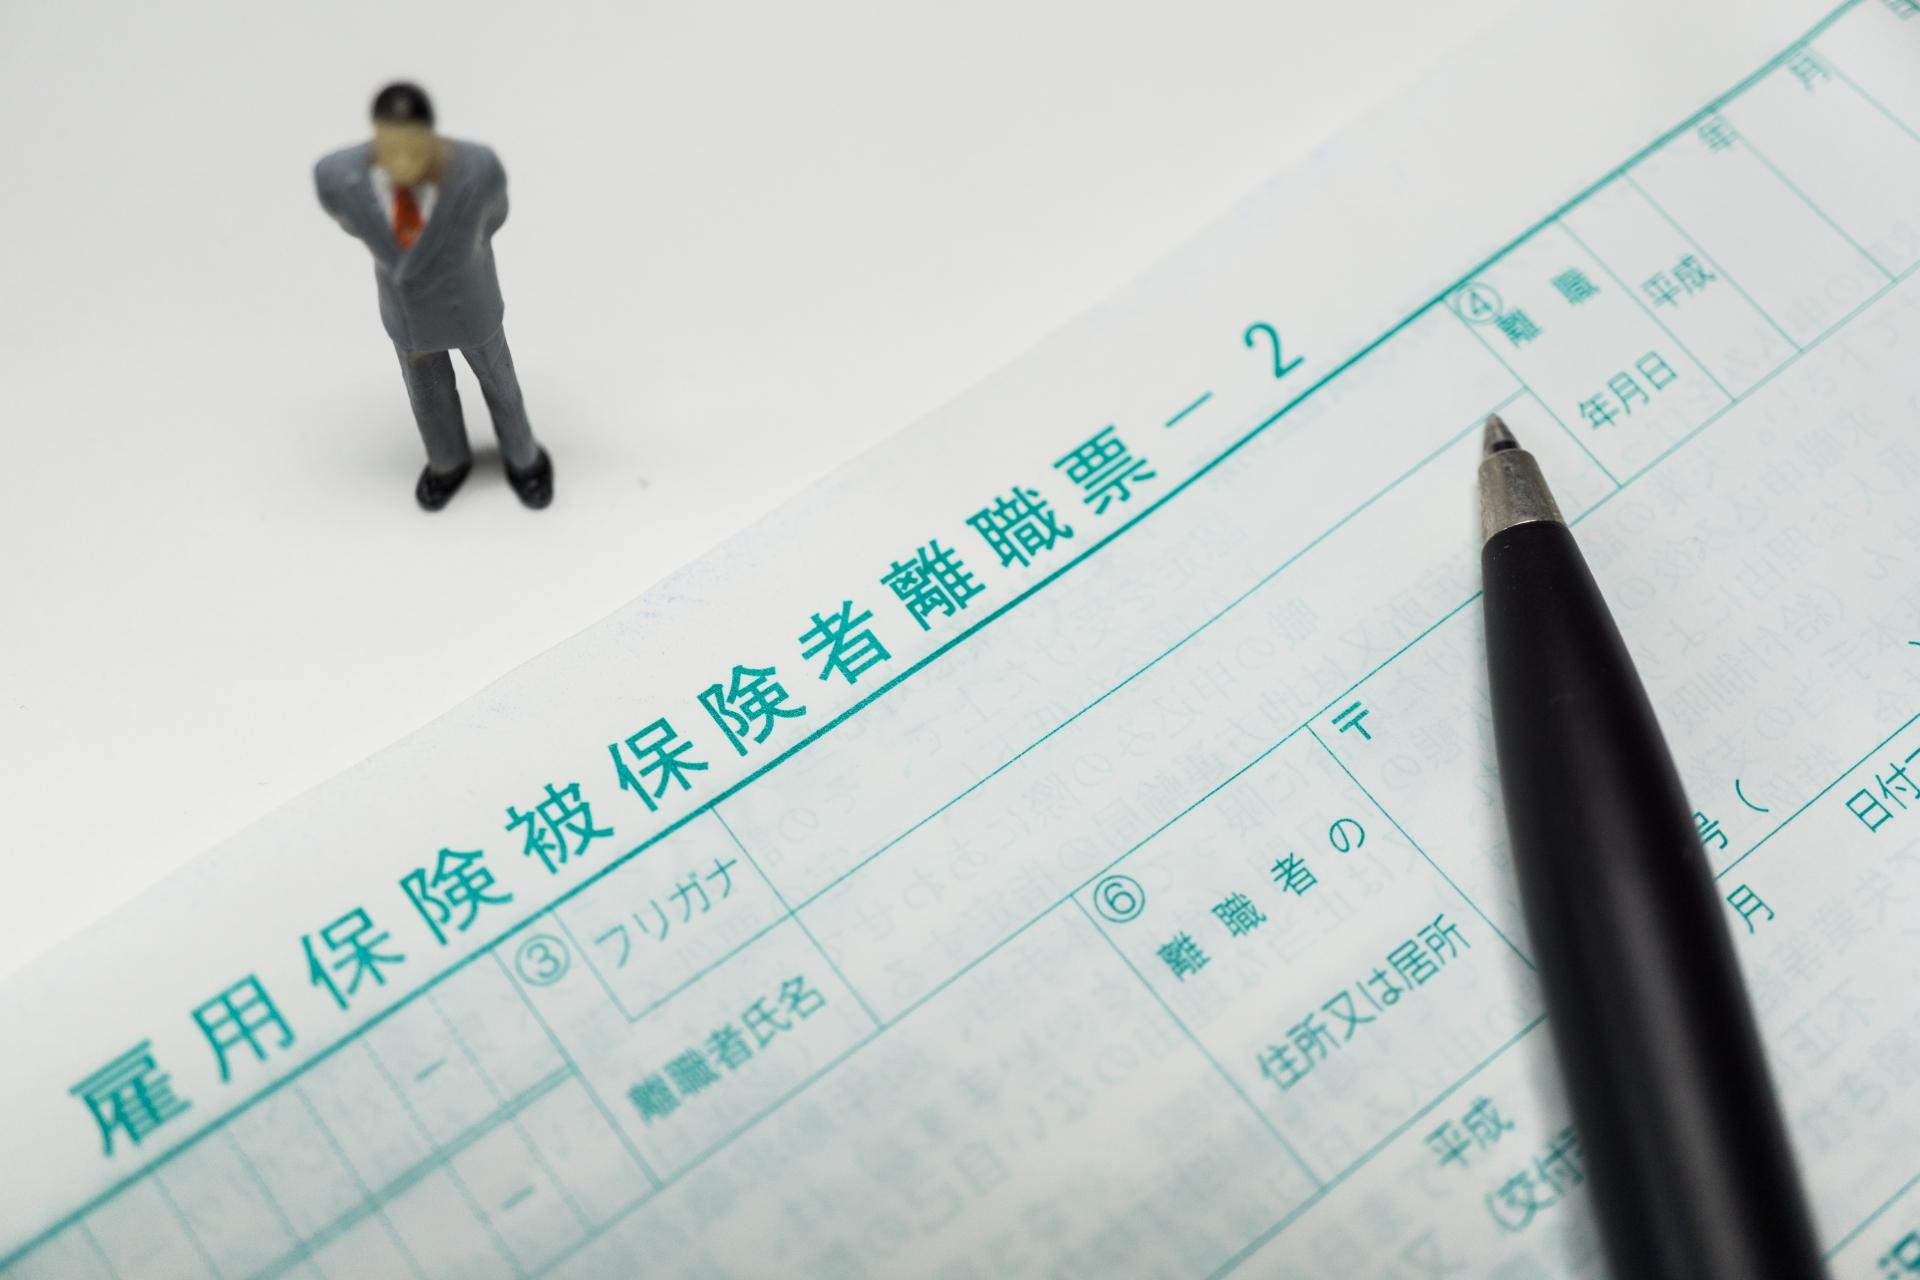 書 書き方 証明 離職 離職証明書の書き方(事例:20日締め)